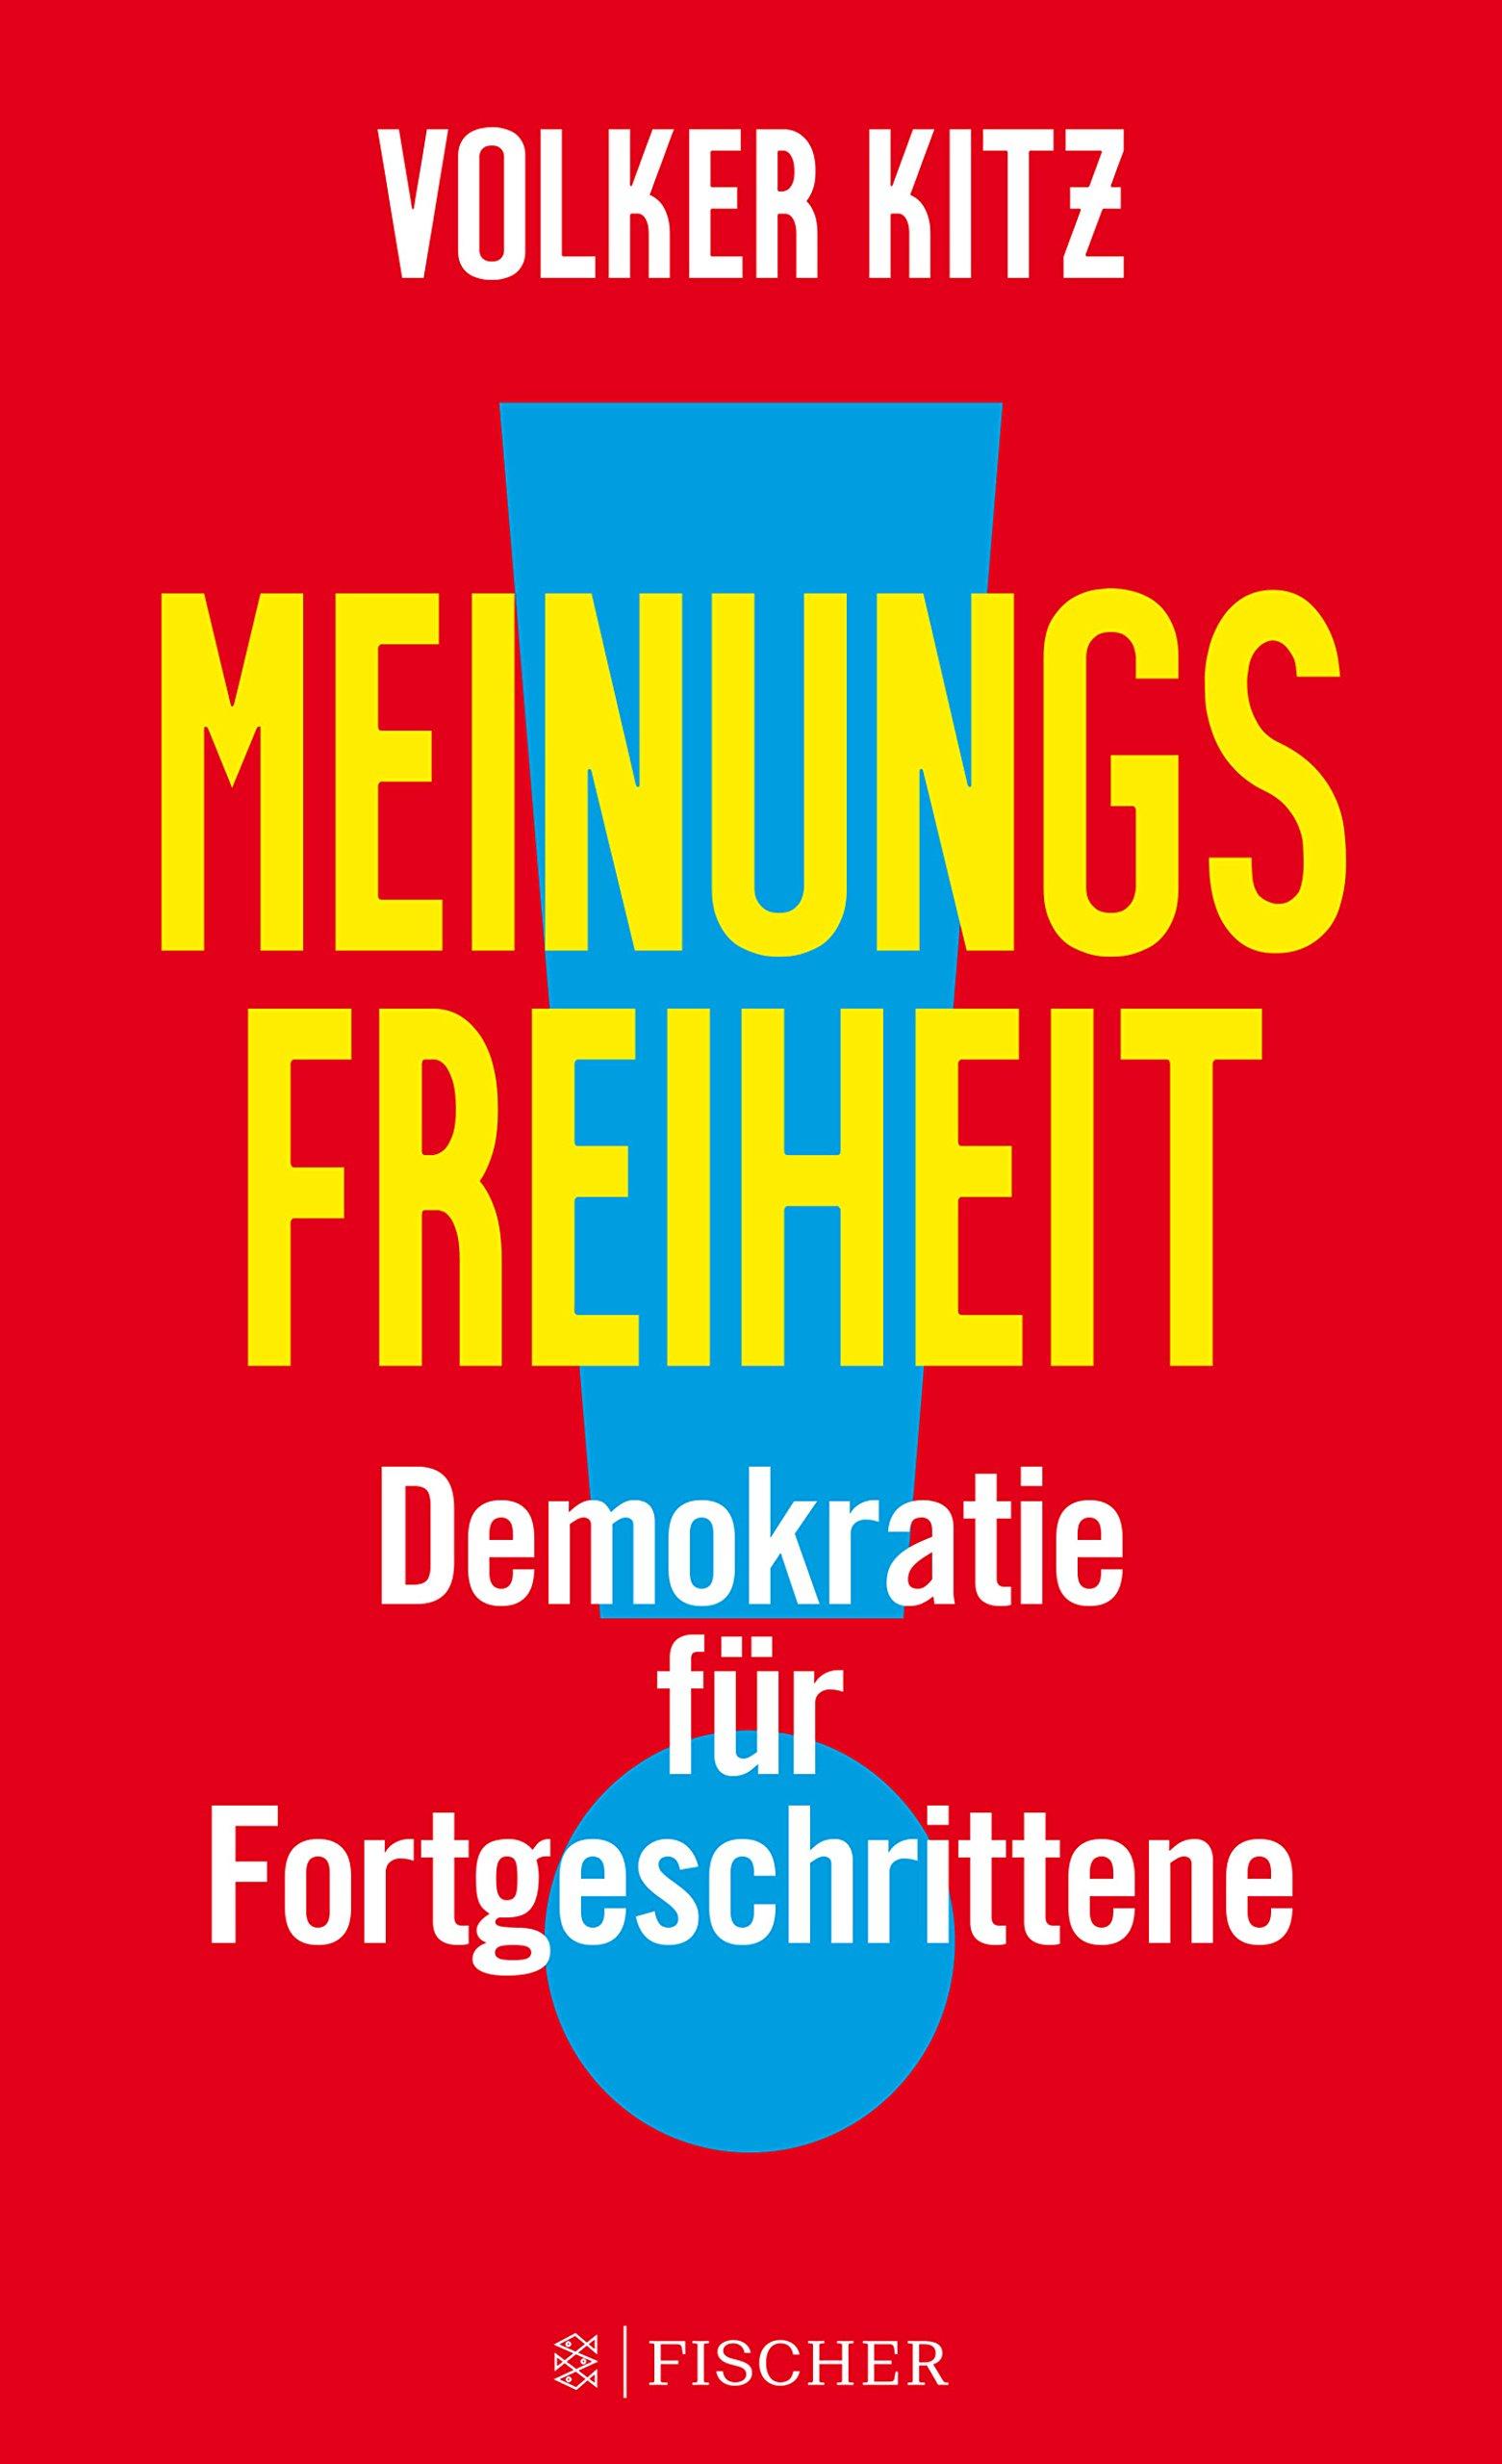 Demokratie für Fortgeschrittene: Amazon.de: Volker Kitz: Bücher